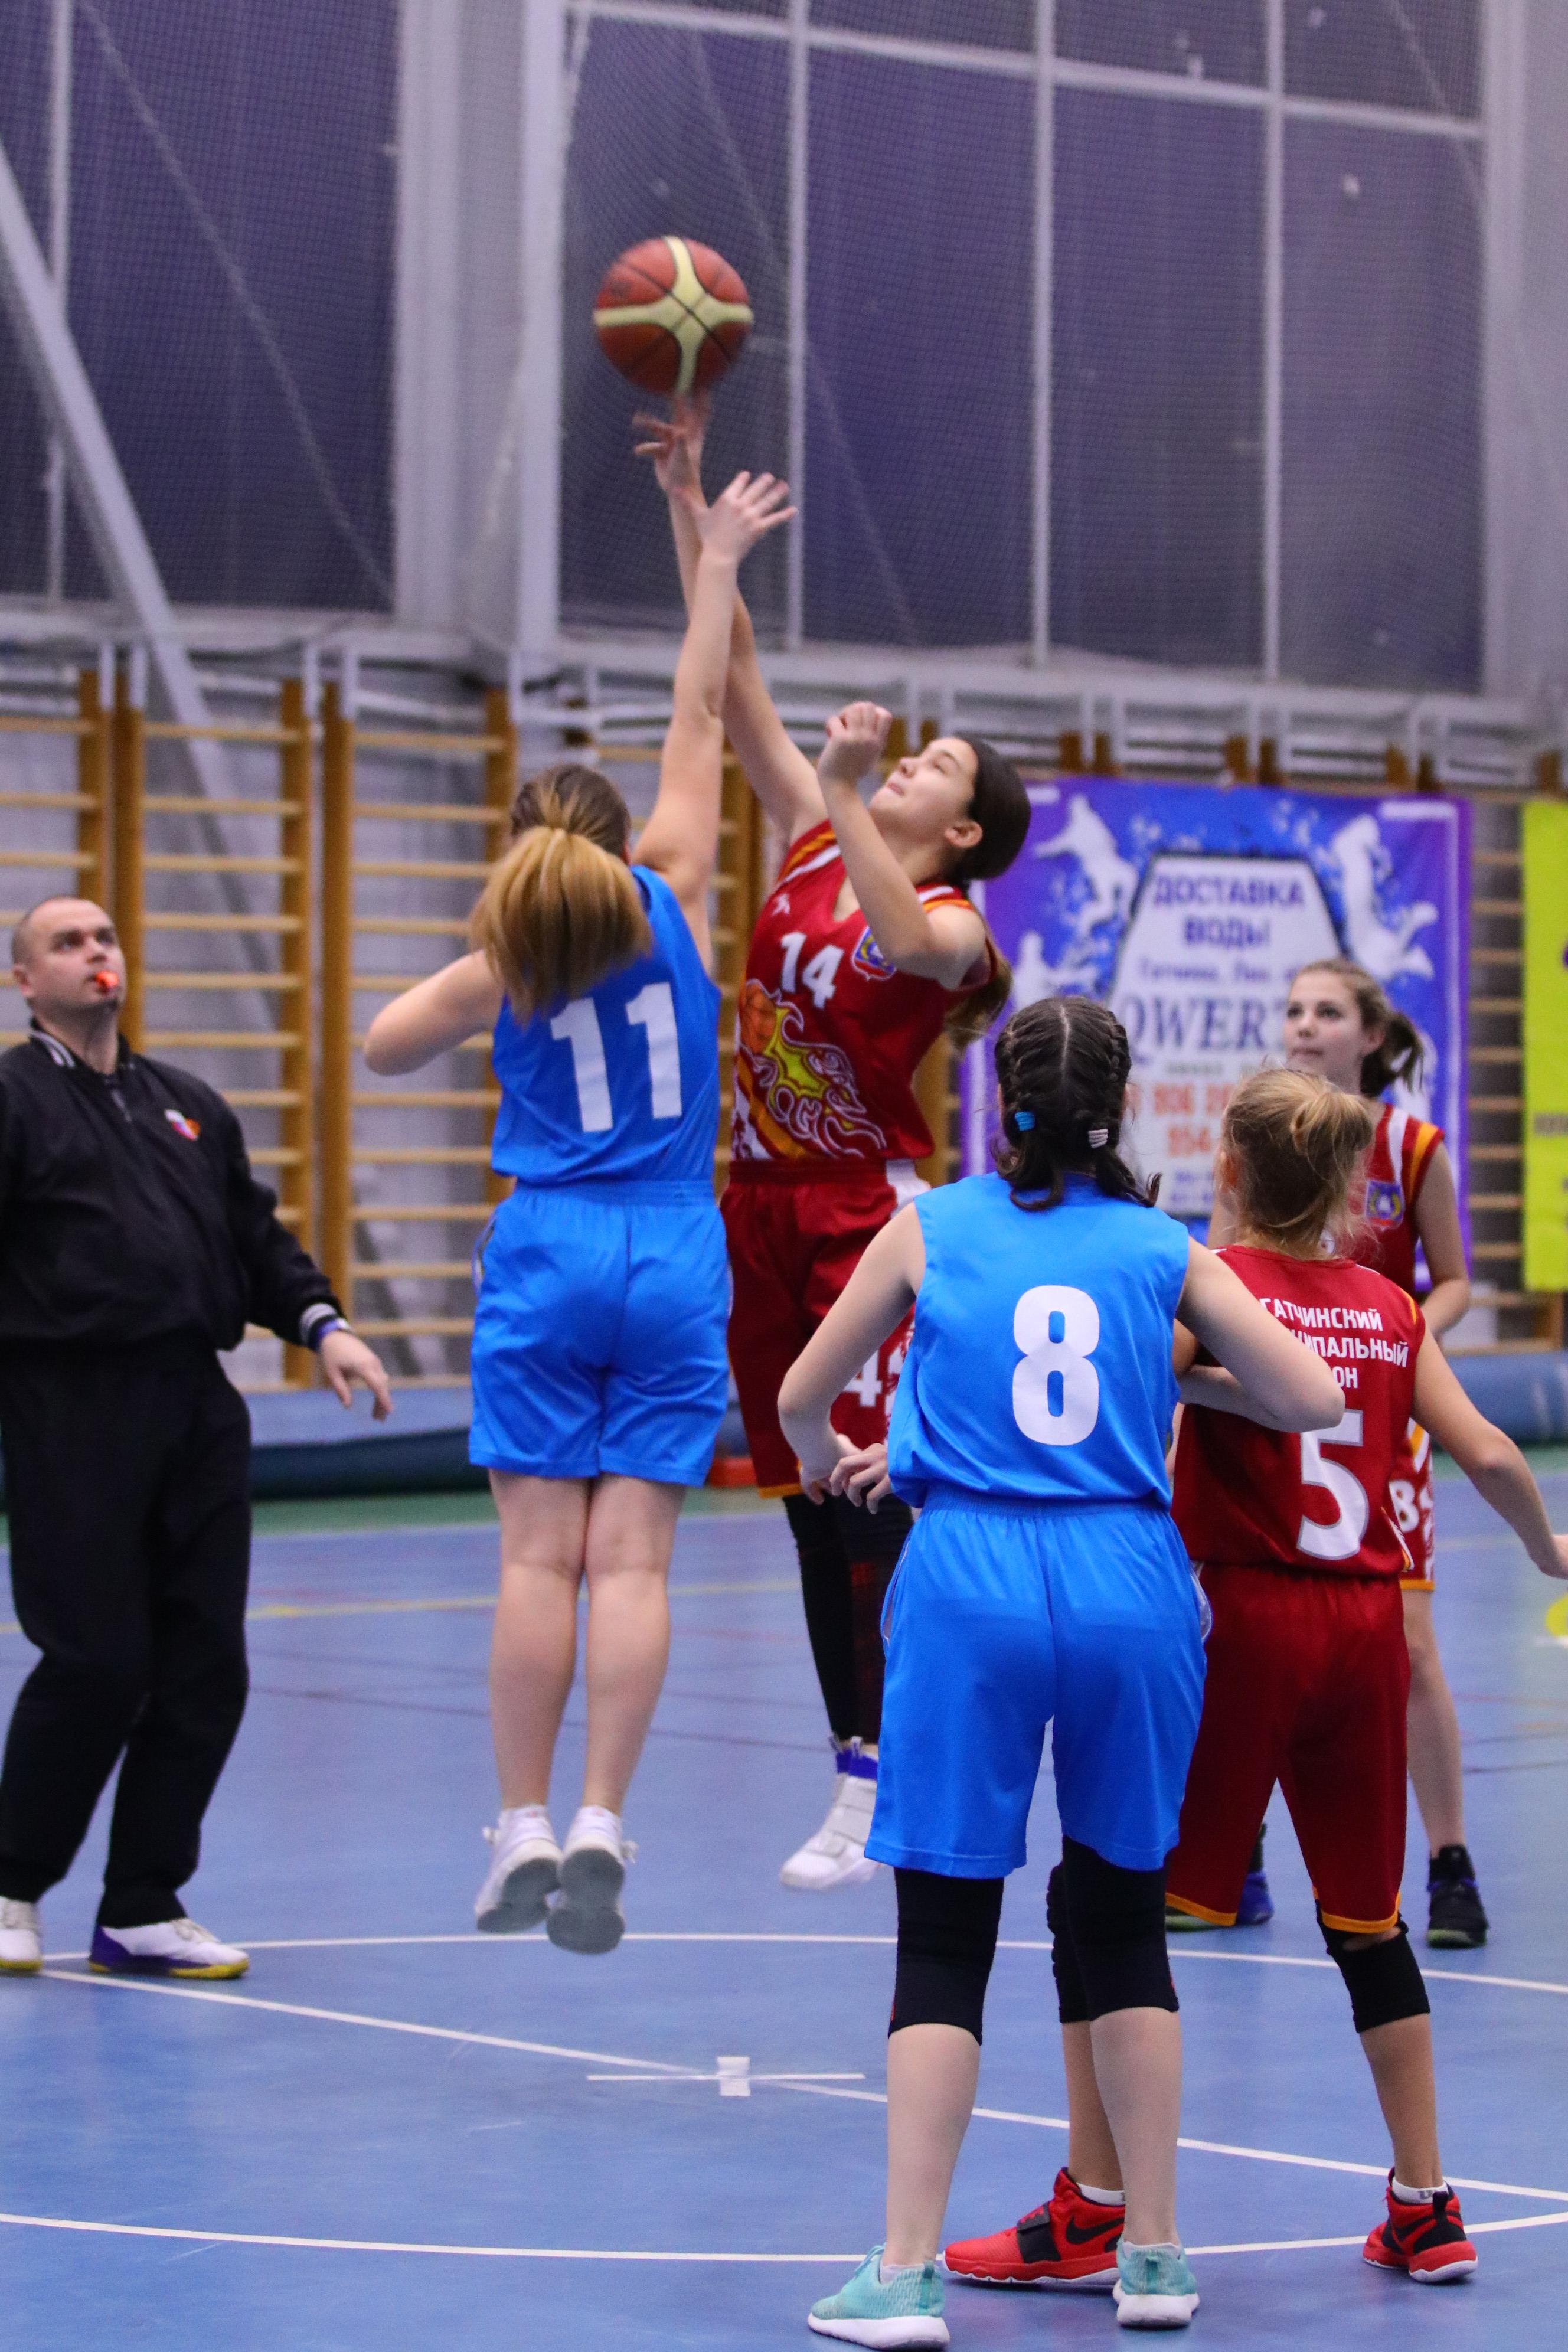 c427d5c6 22 ноября в ФОК АРЕНА прошли финальные соревнования по баскетболу,  Первенство Ленинградской области, среди девушек 2004 г.р. и моложе.